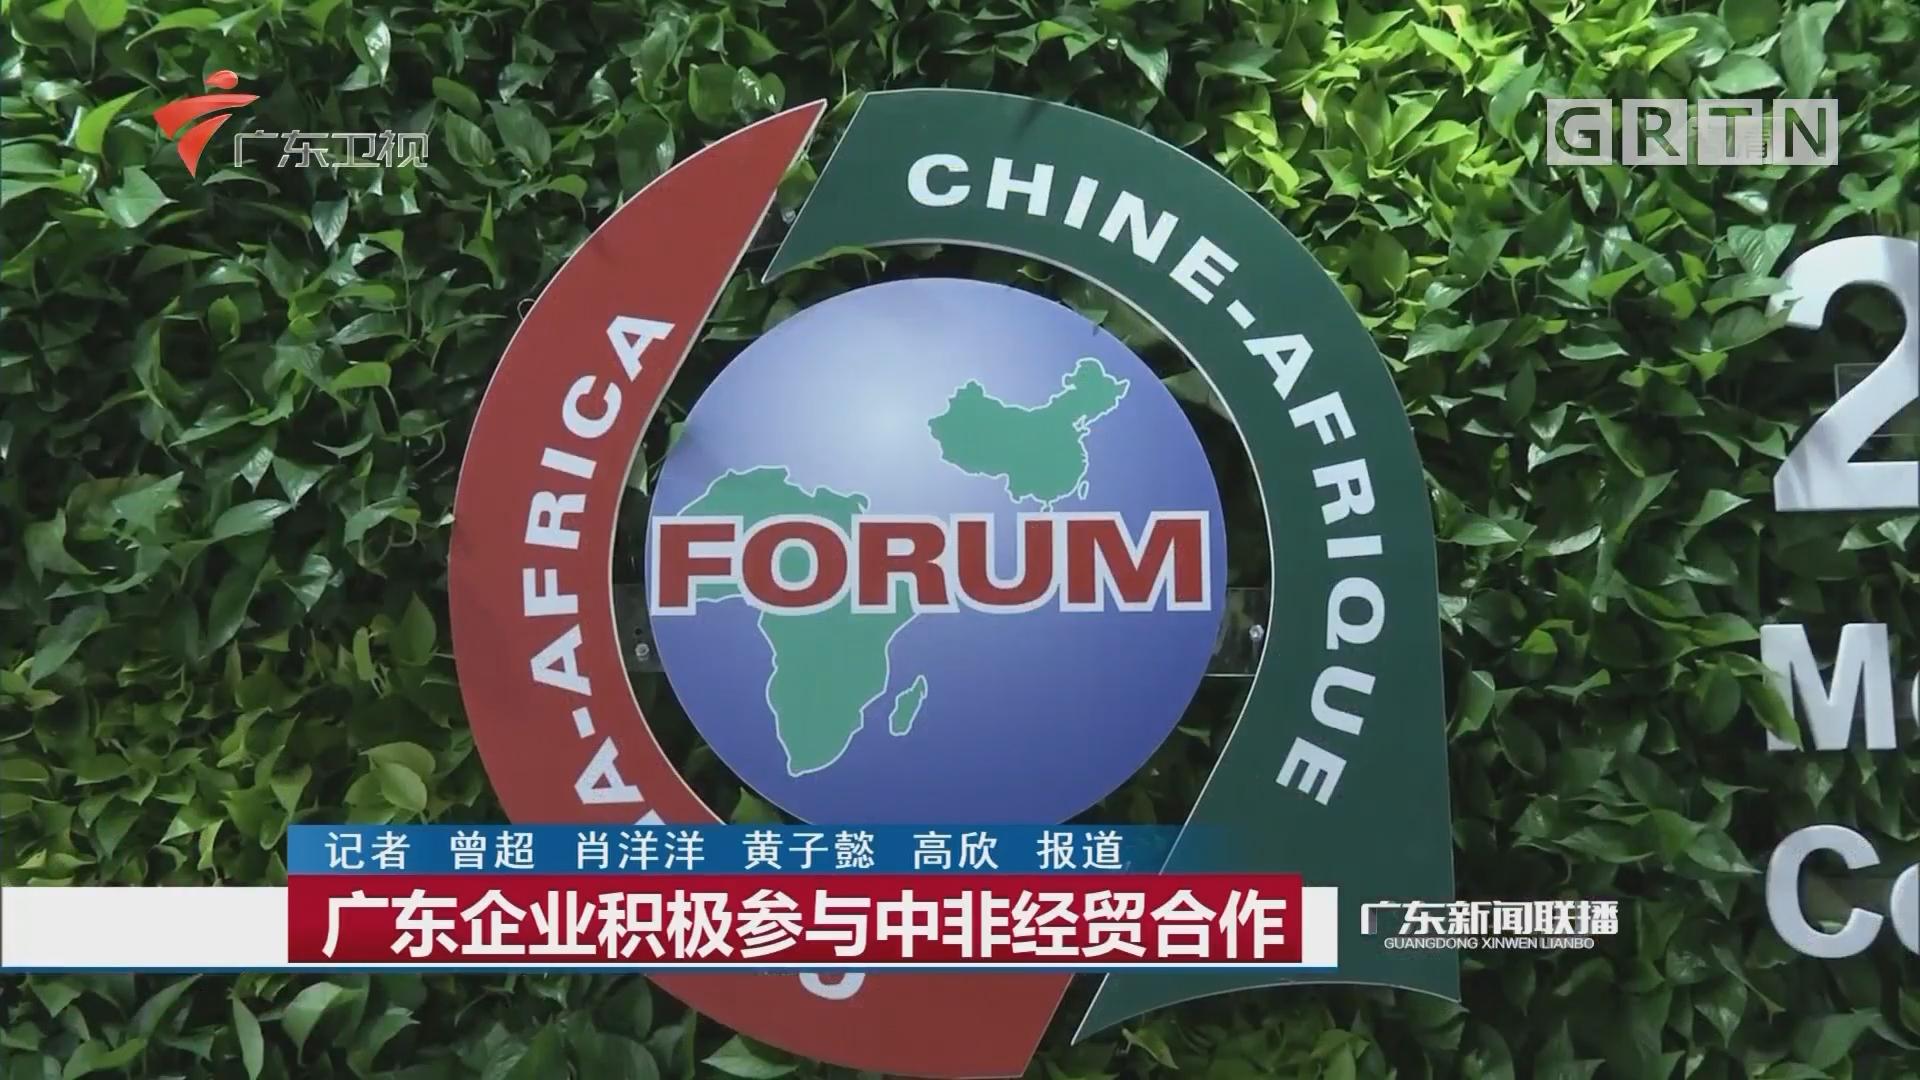 广东企业积极参与中非经贸合作